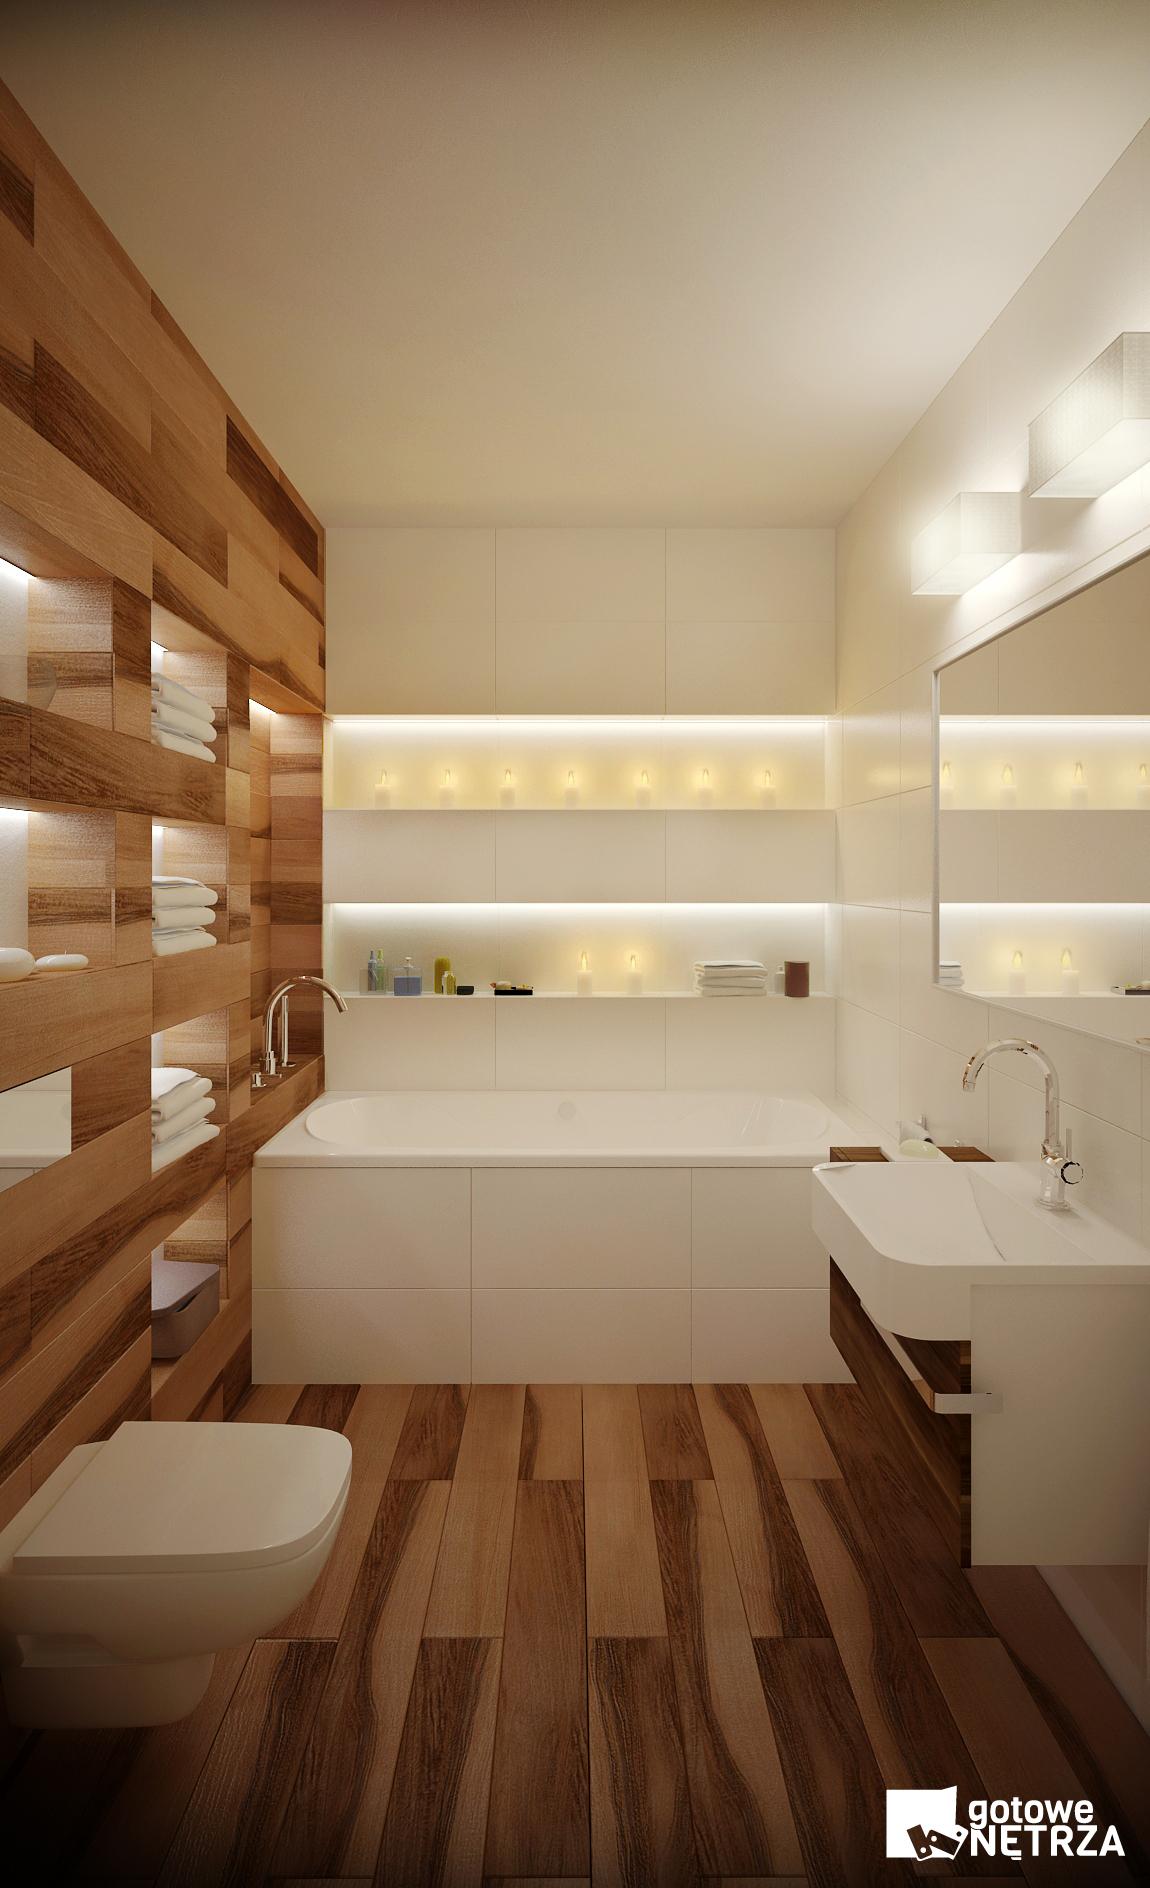 Łazienka w stylu skandynawskim z projektem gratis  Gotowe Wnętrza